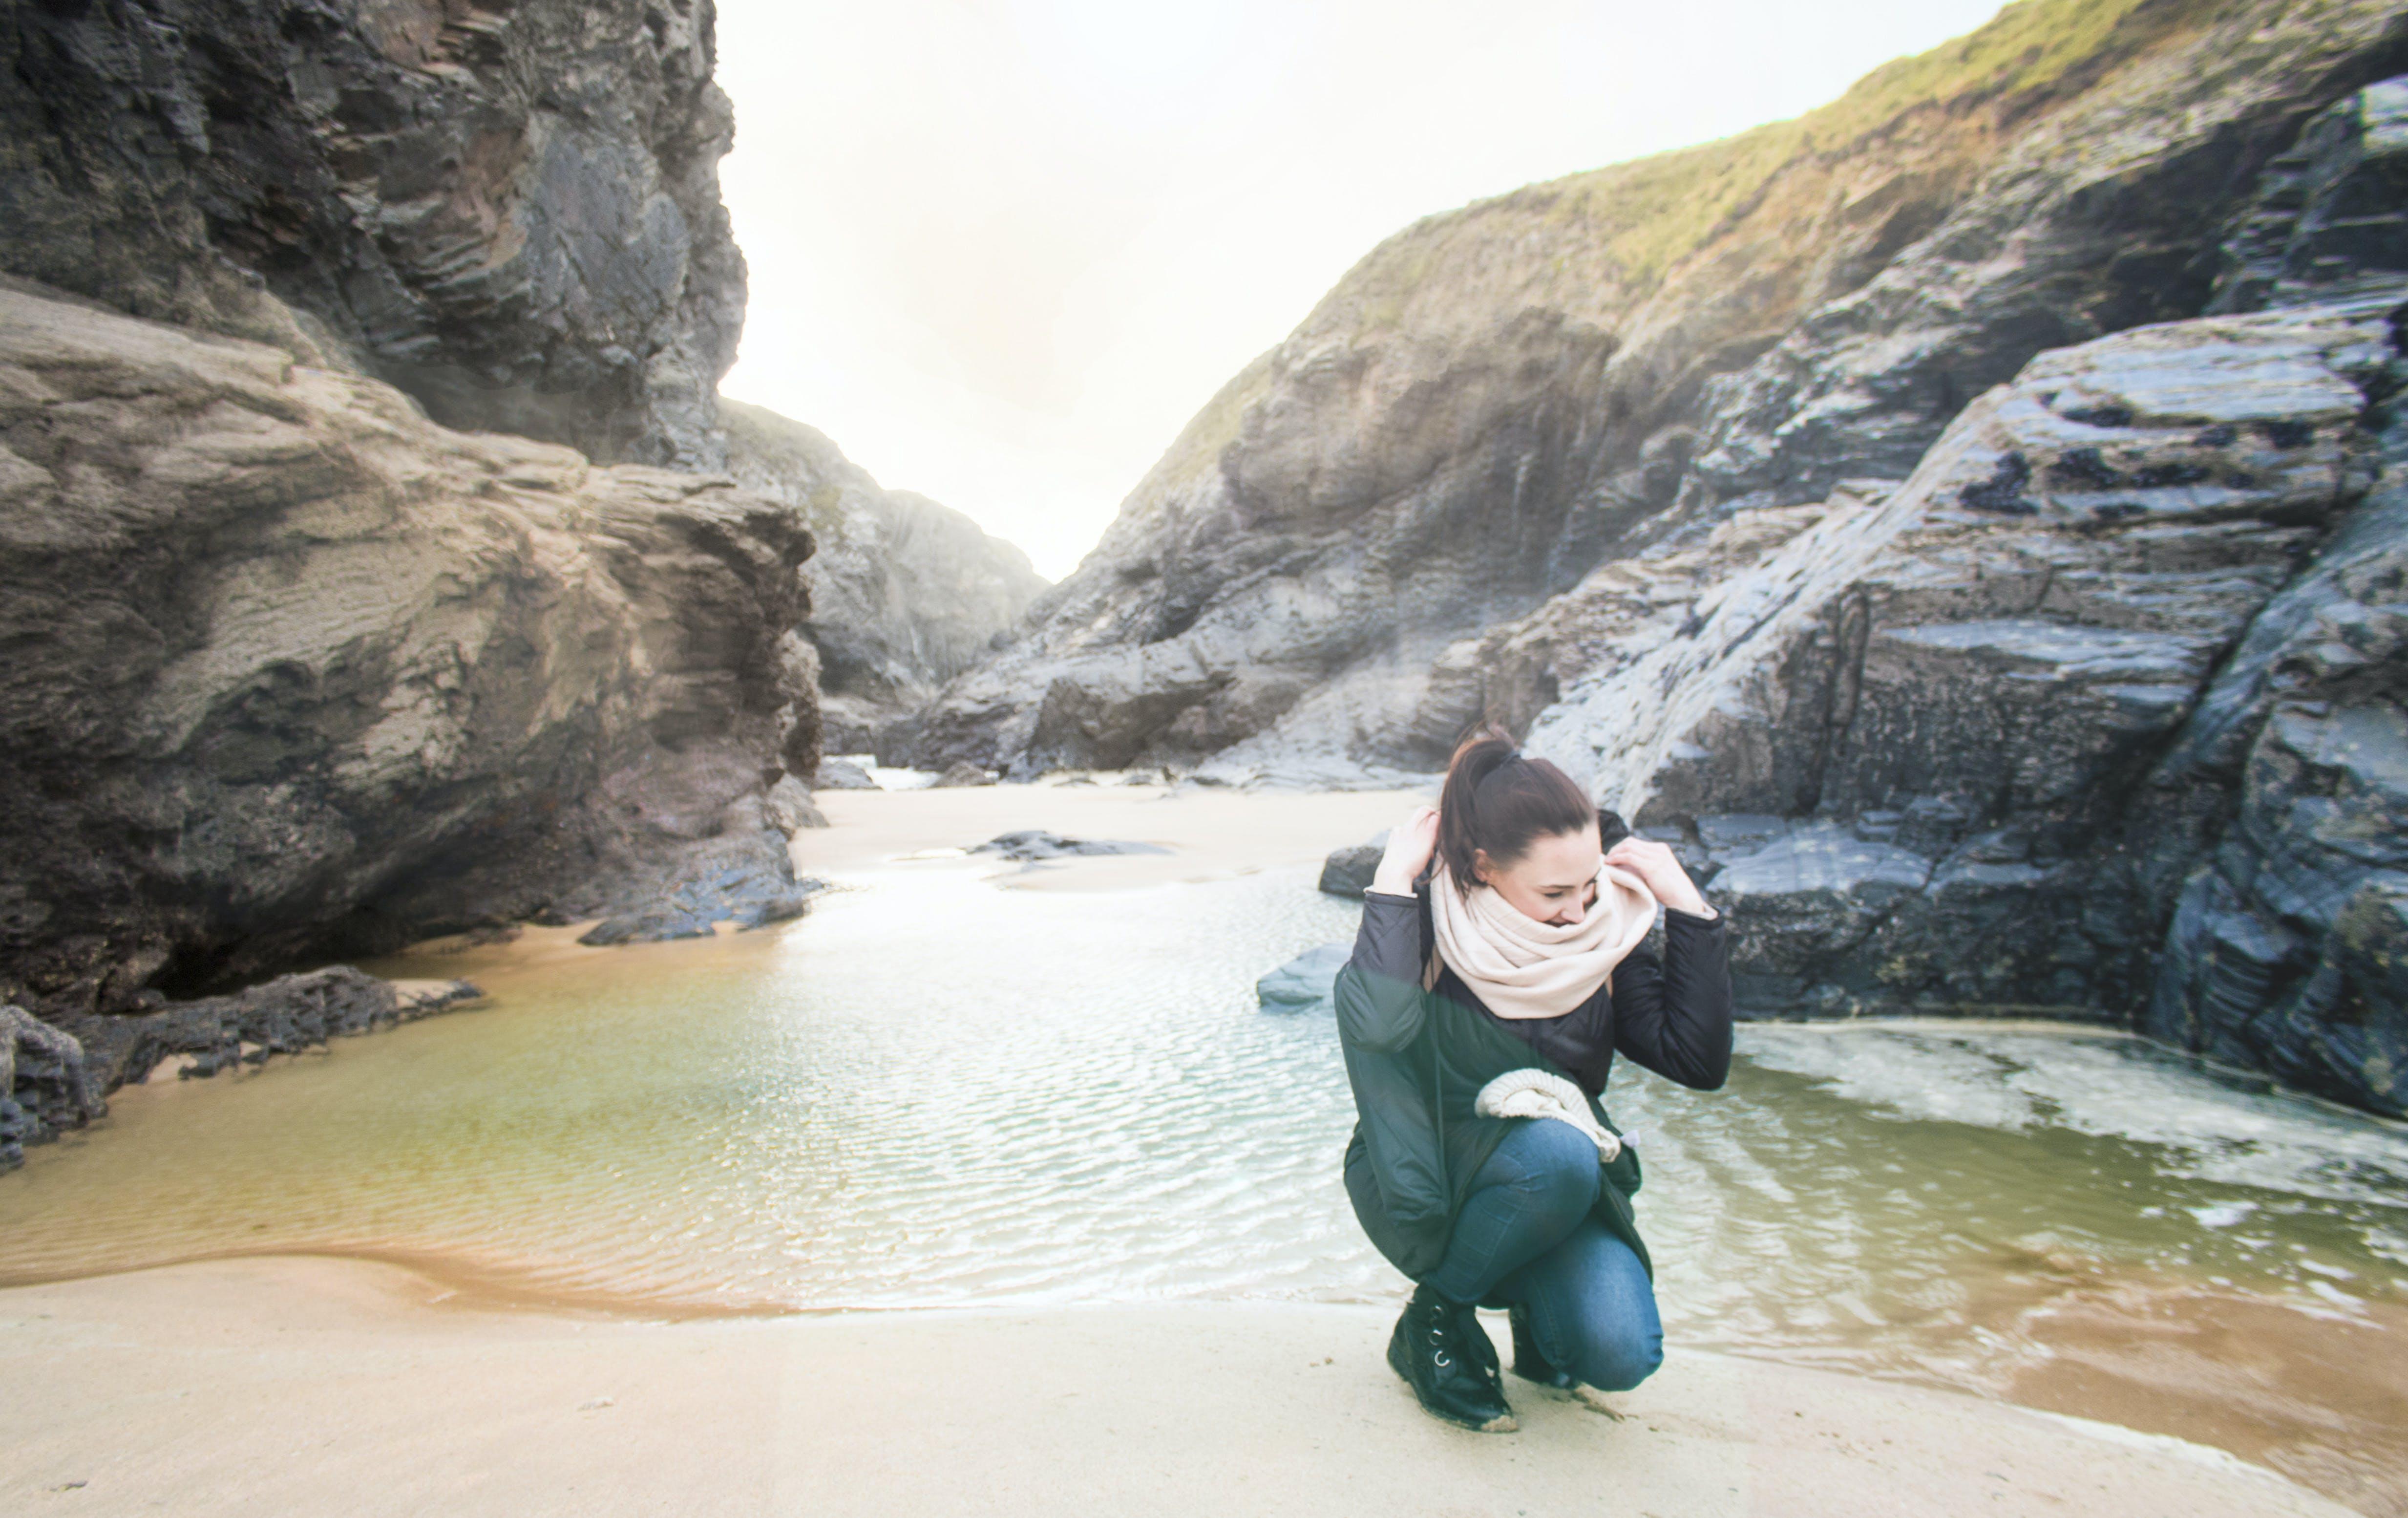 경치, 경치가 좋은, 관광, 레저의 무료 스톡 사진